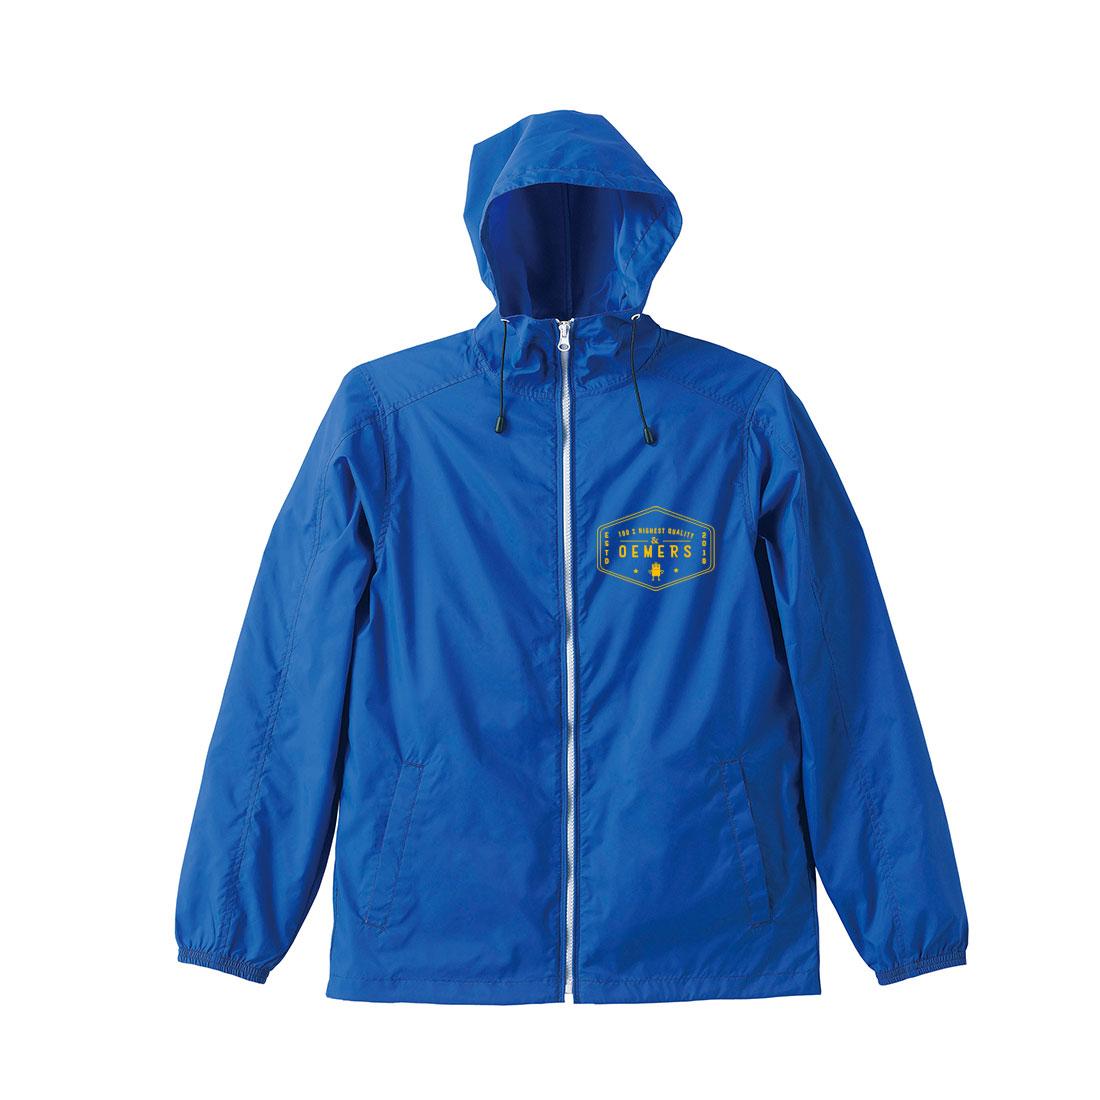 ナイロン ジップジャケット ブルー